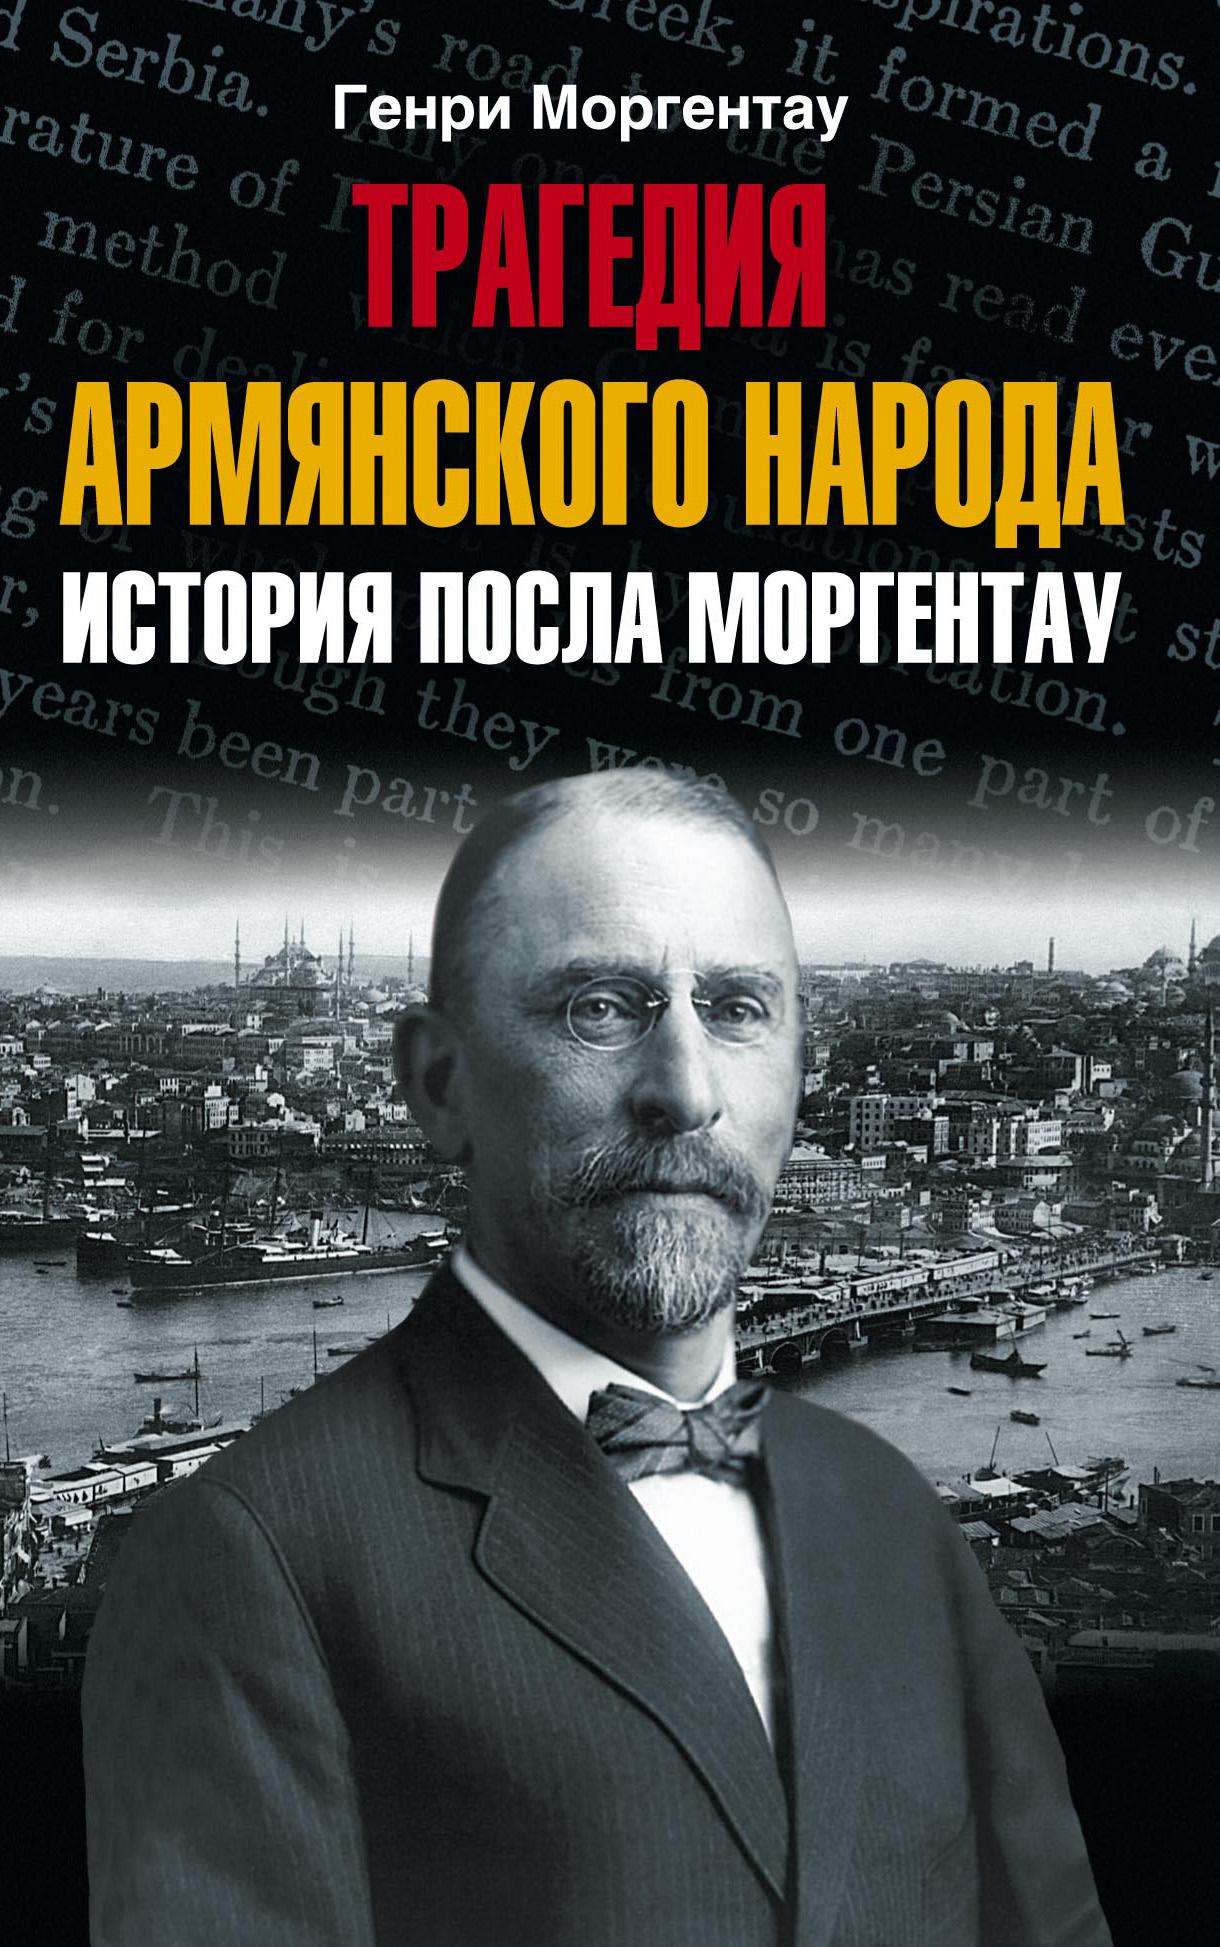 Трагедия армянского народа. История посла Моргентау